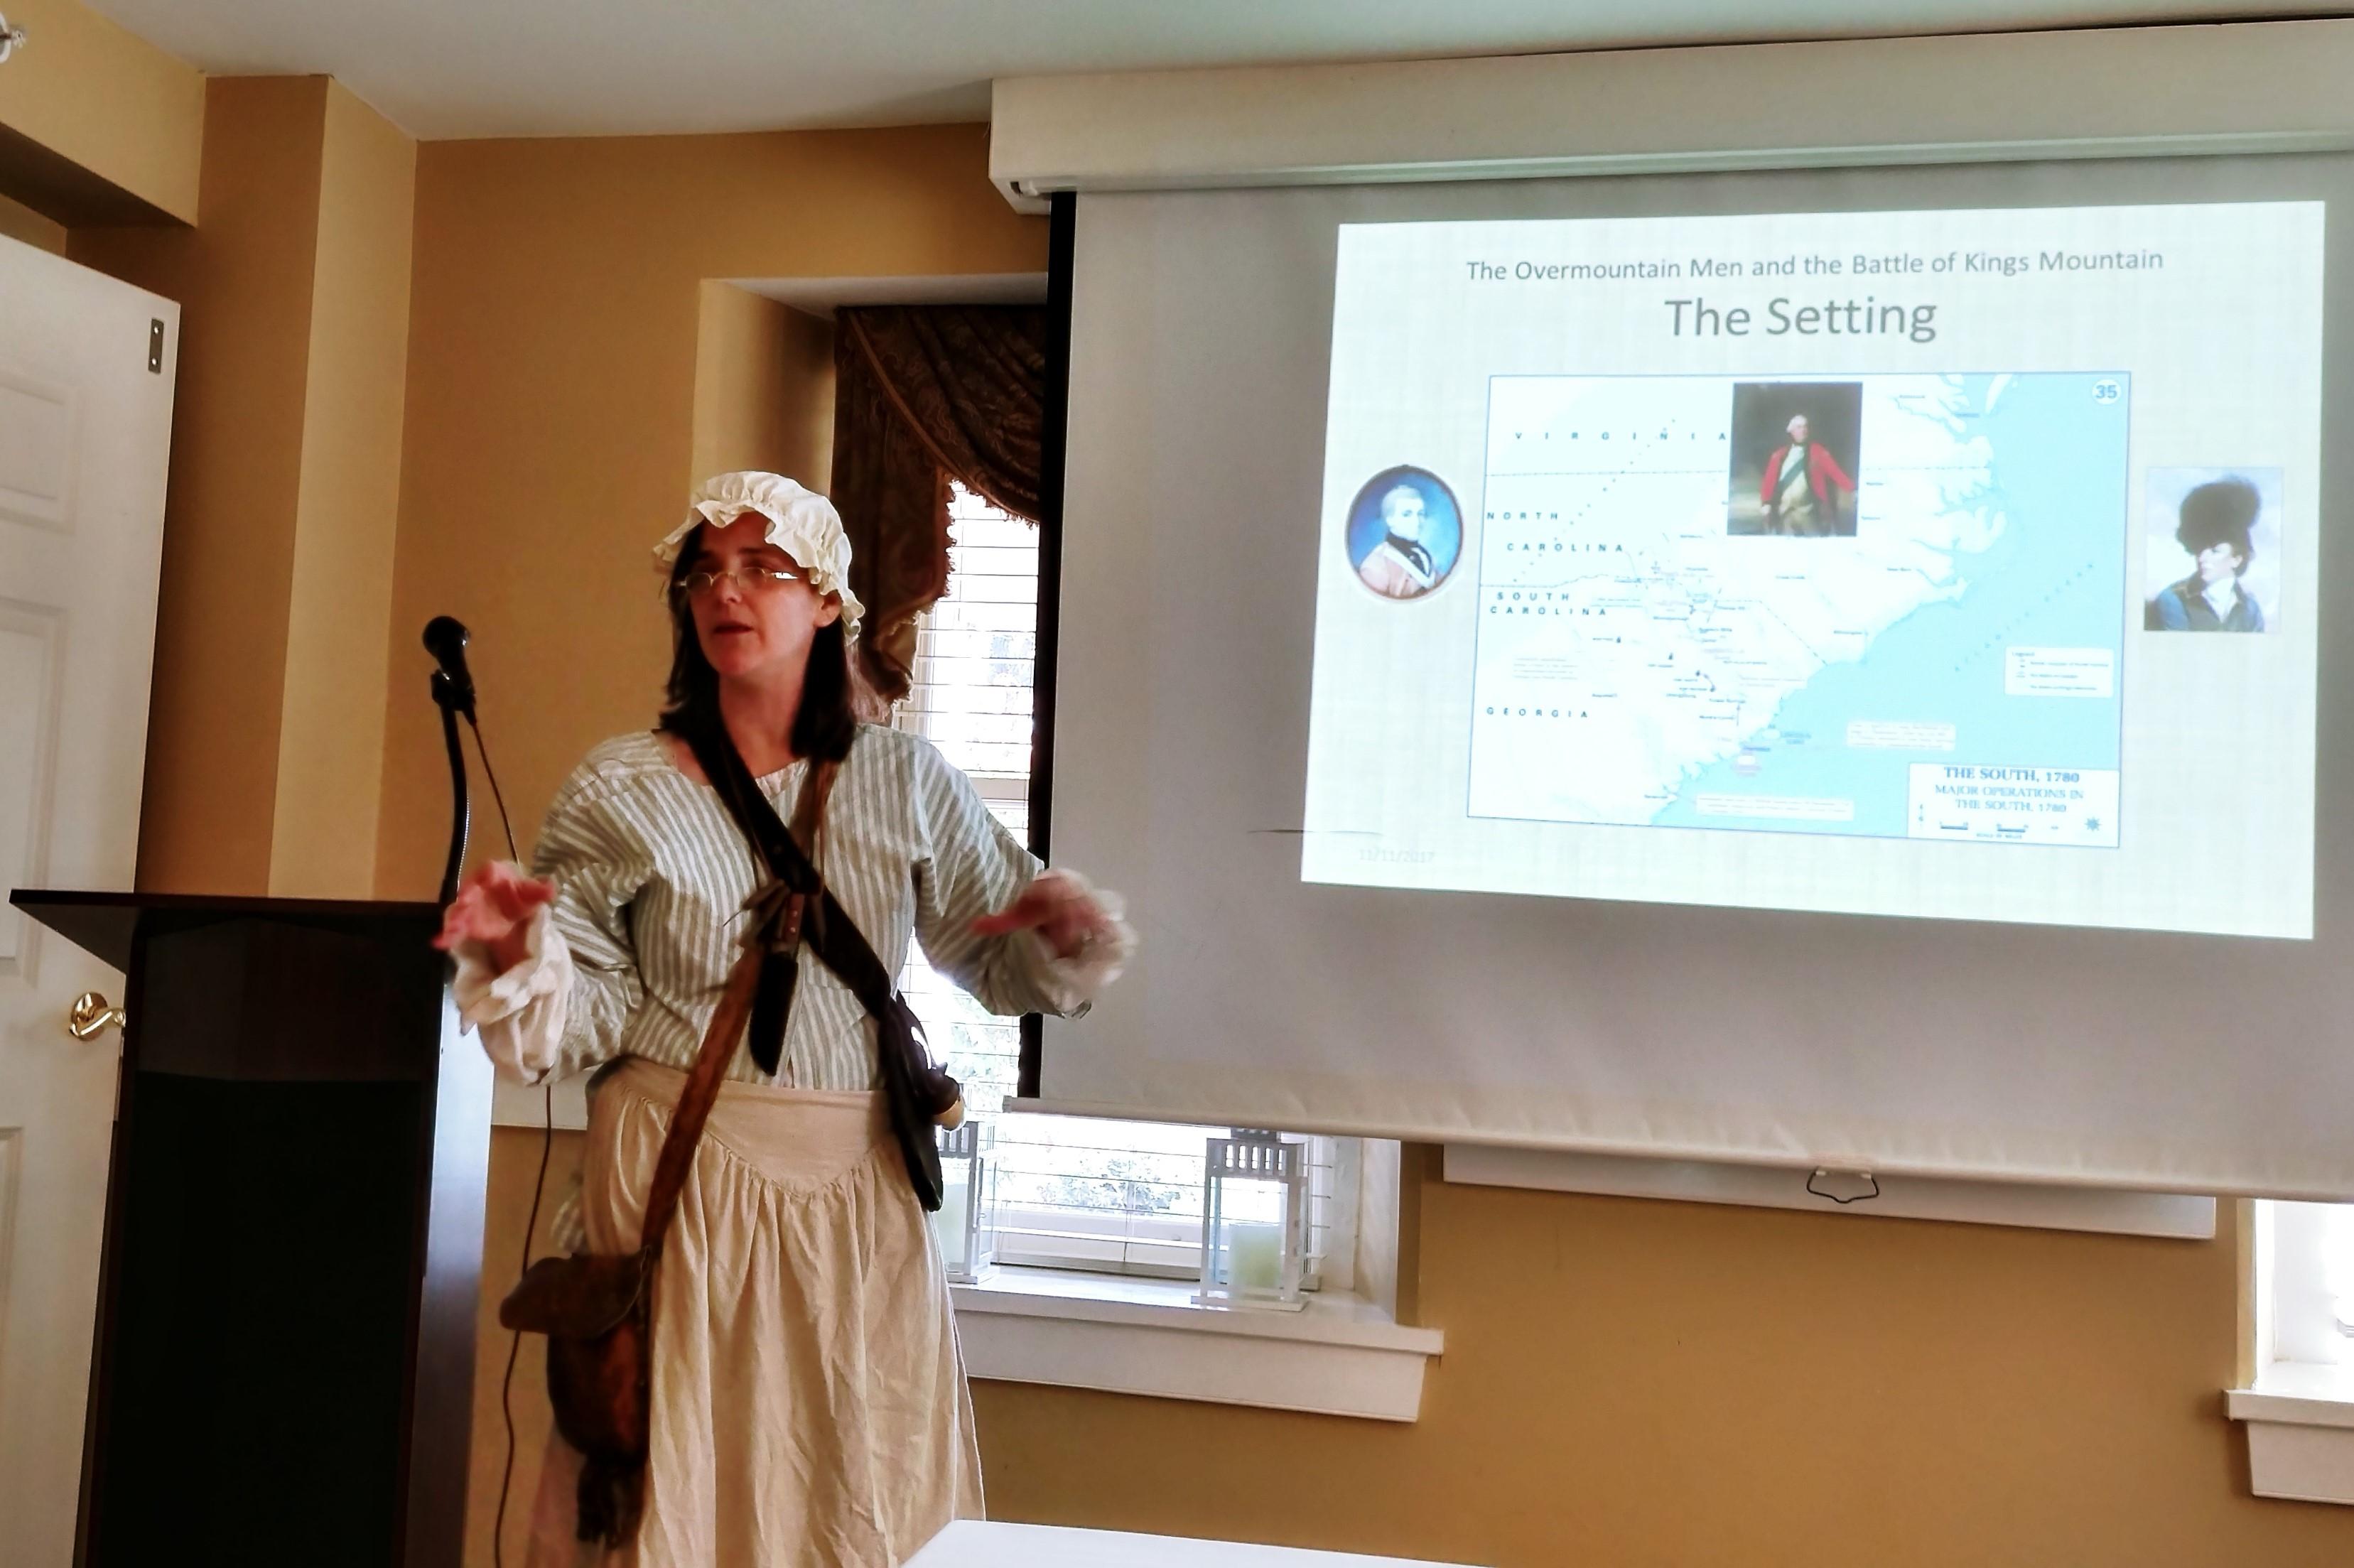 speaker dressed in authentic costume